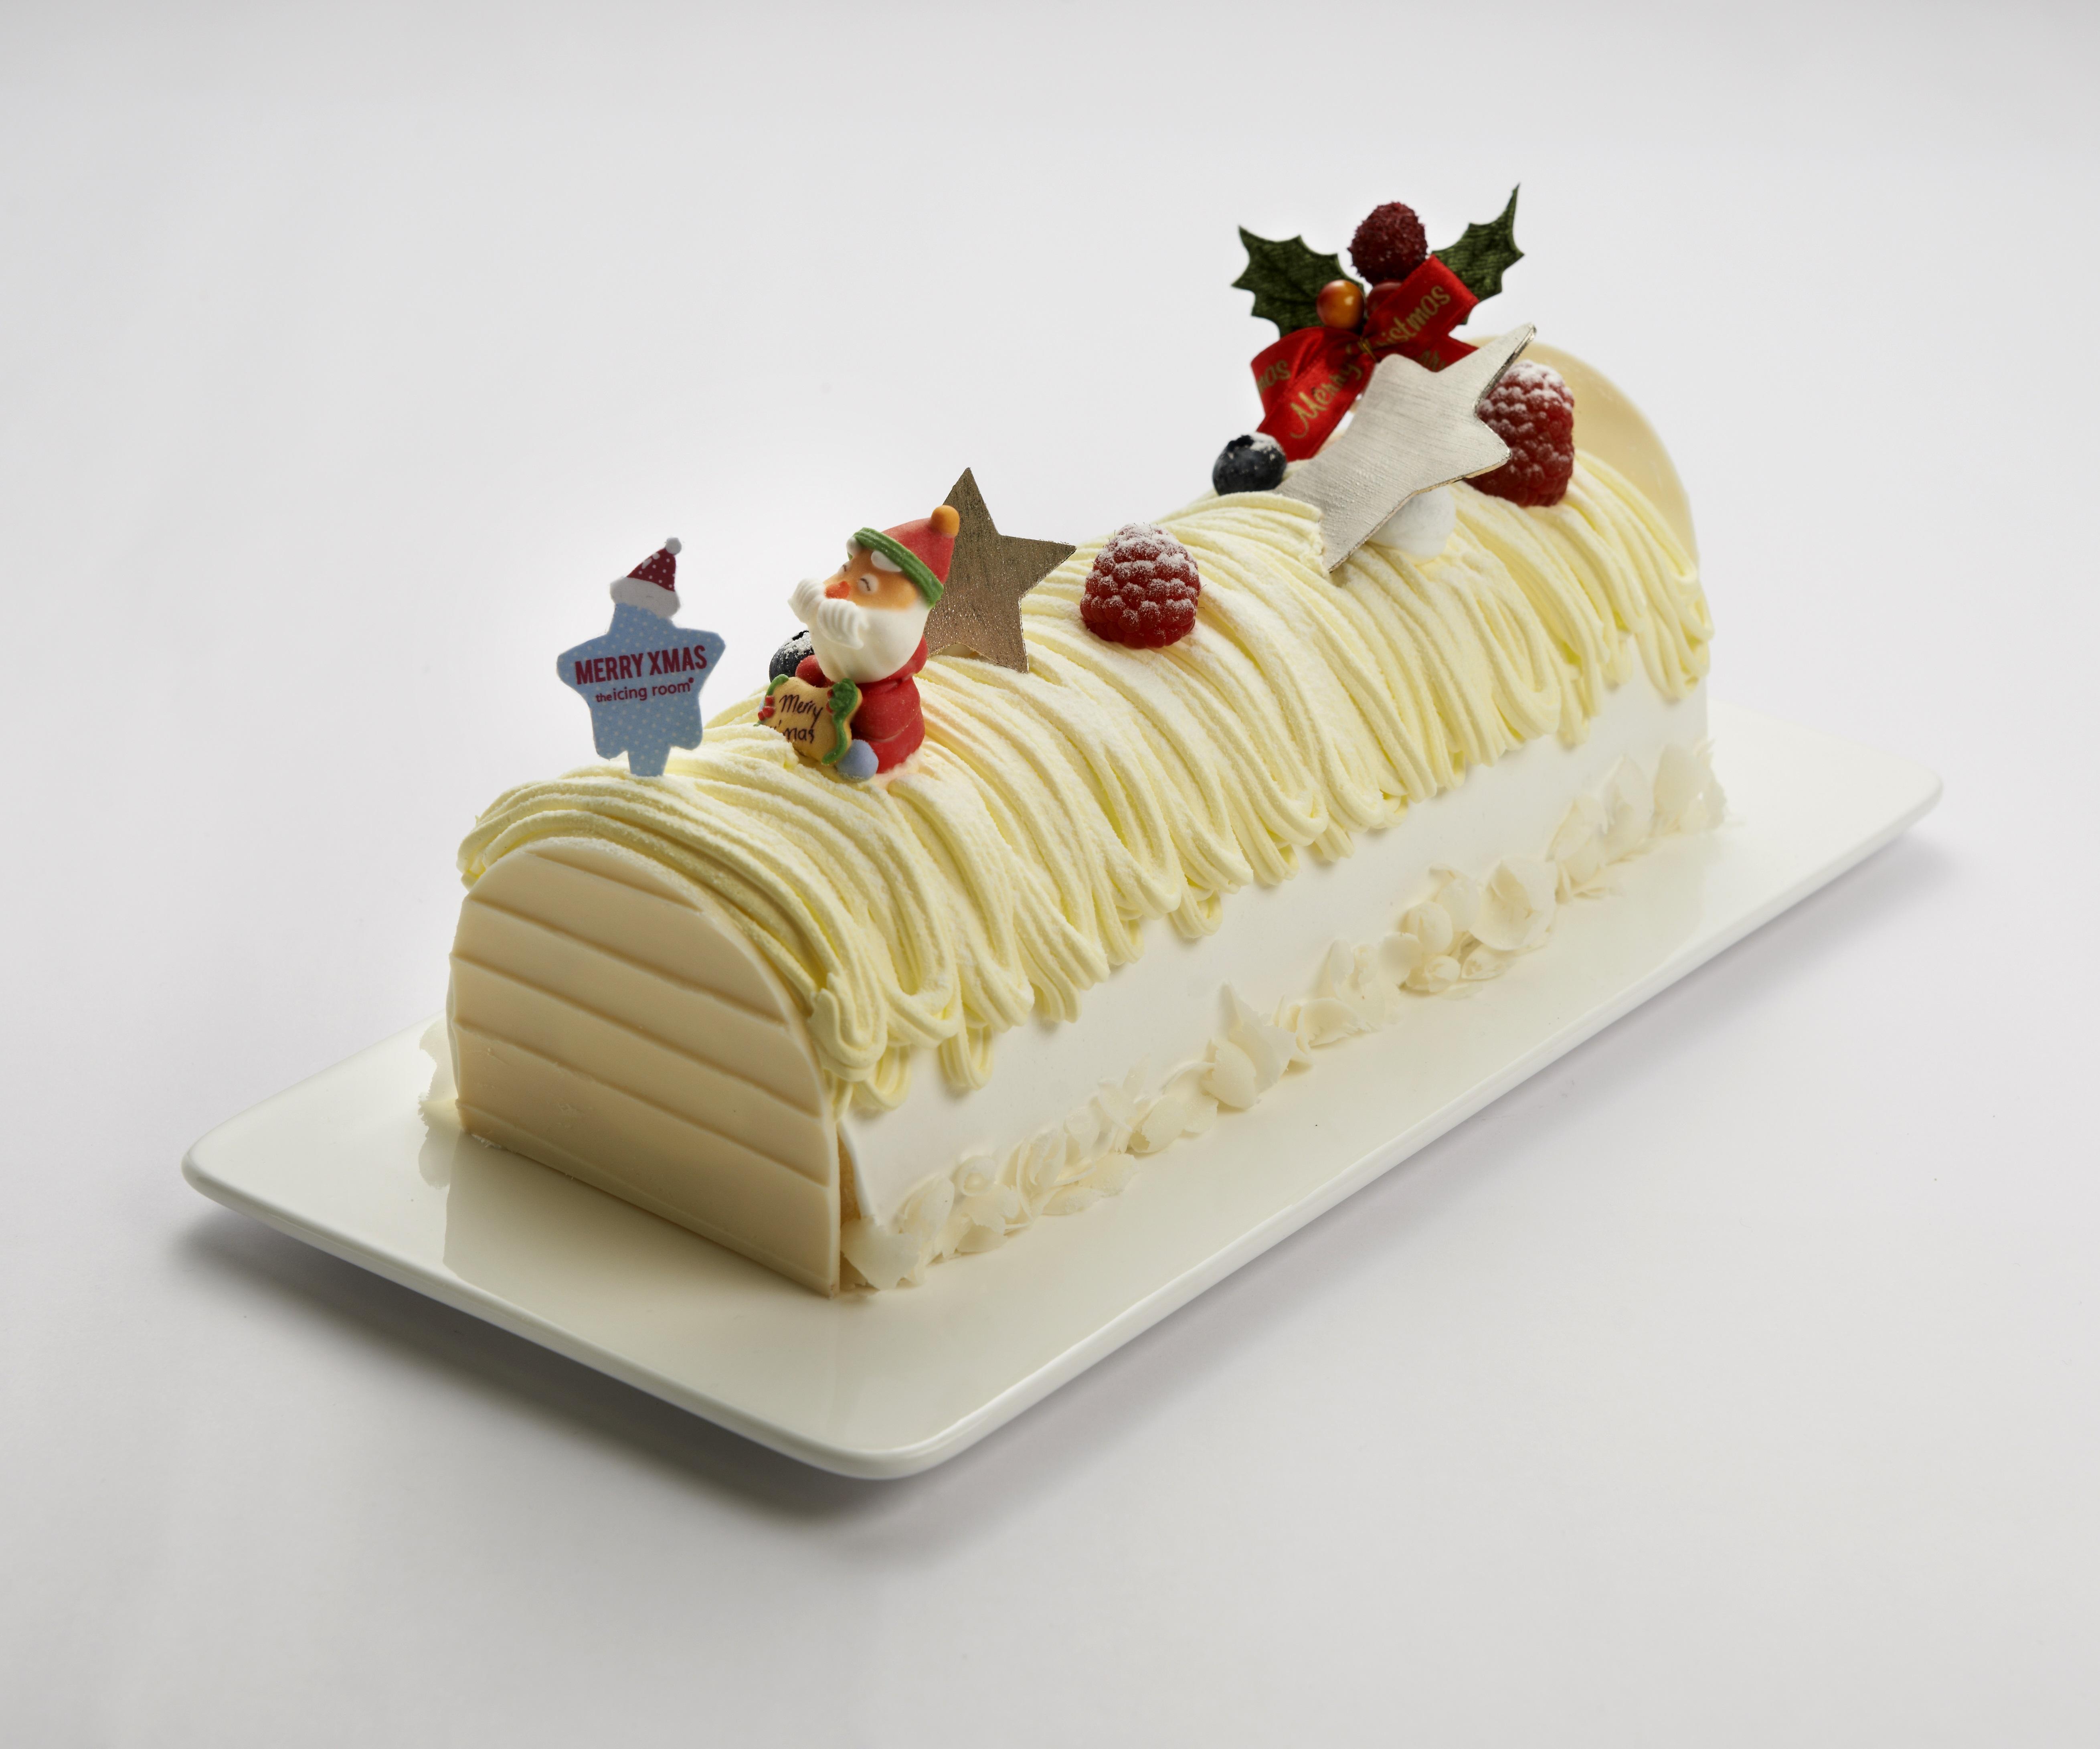 Berry White Cake